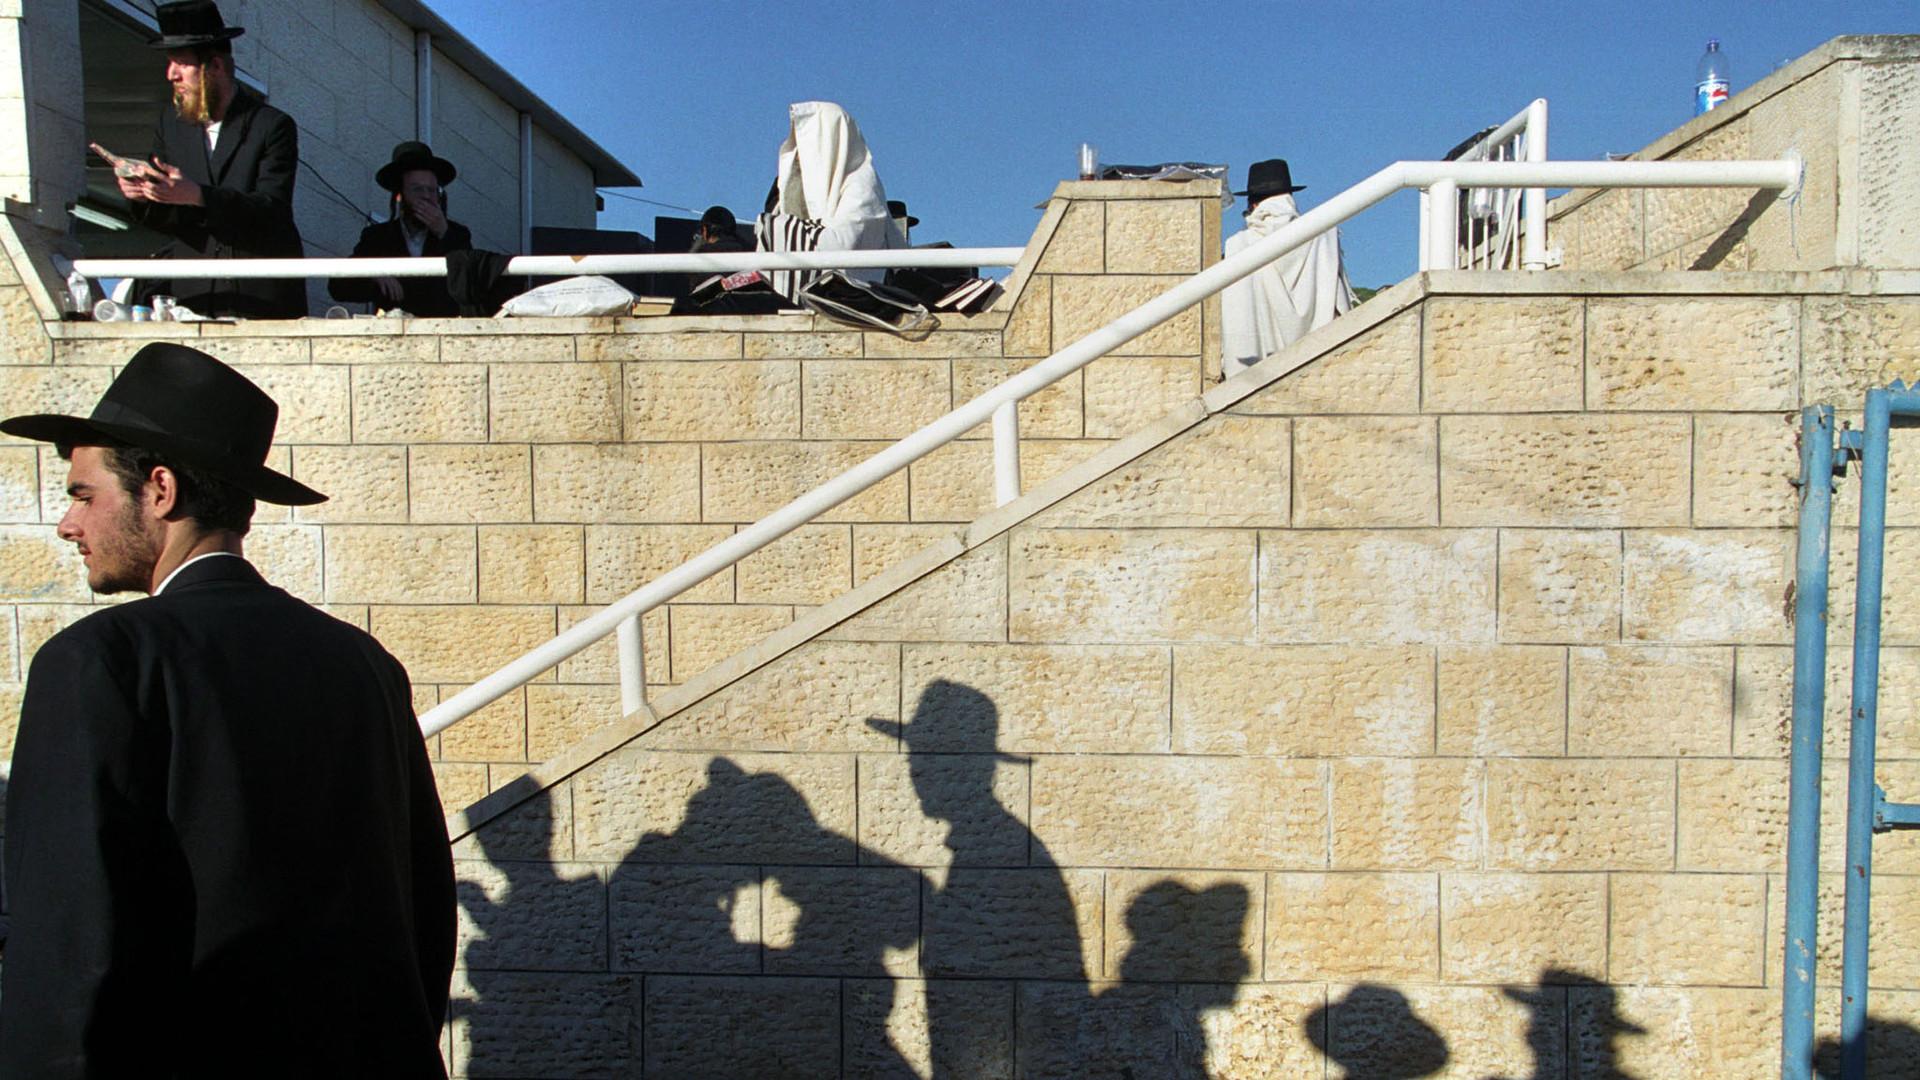 70 Faces Print #5 - Mount Meron, Israel April 2002